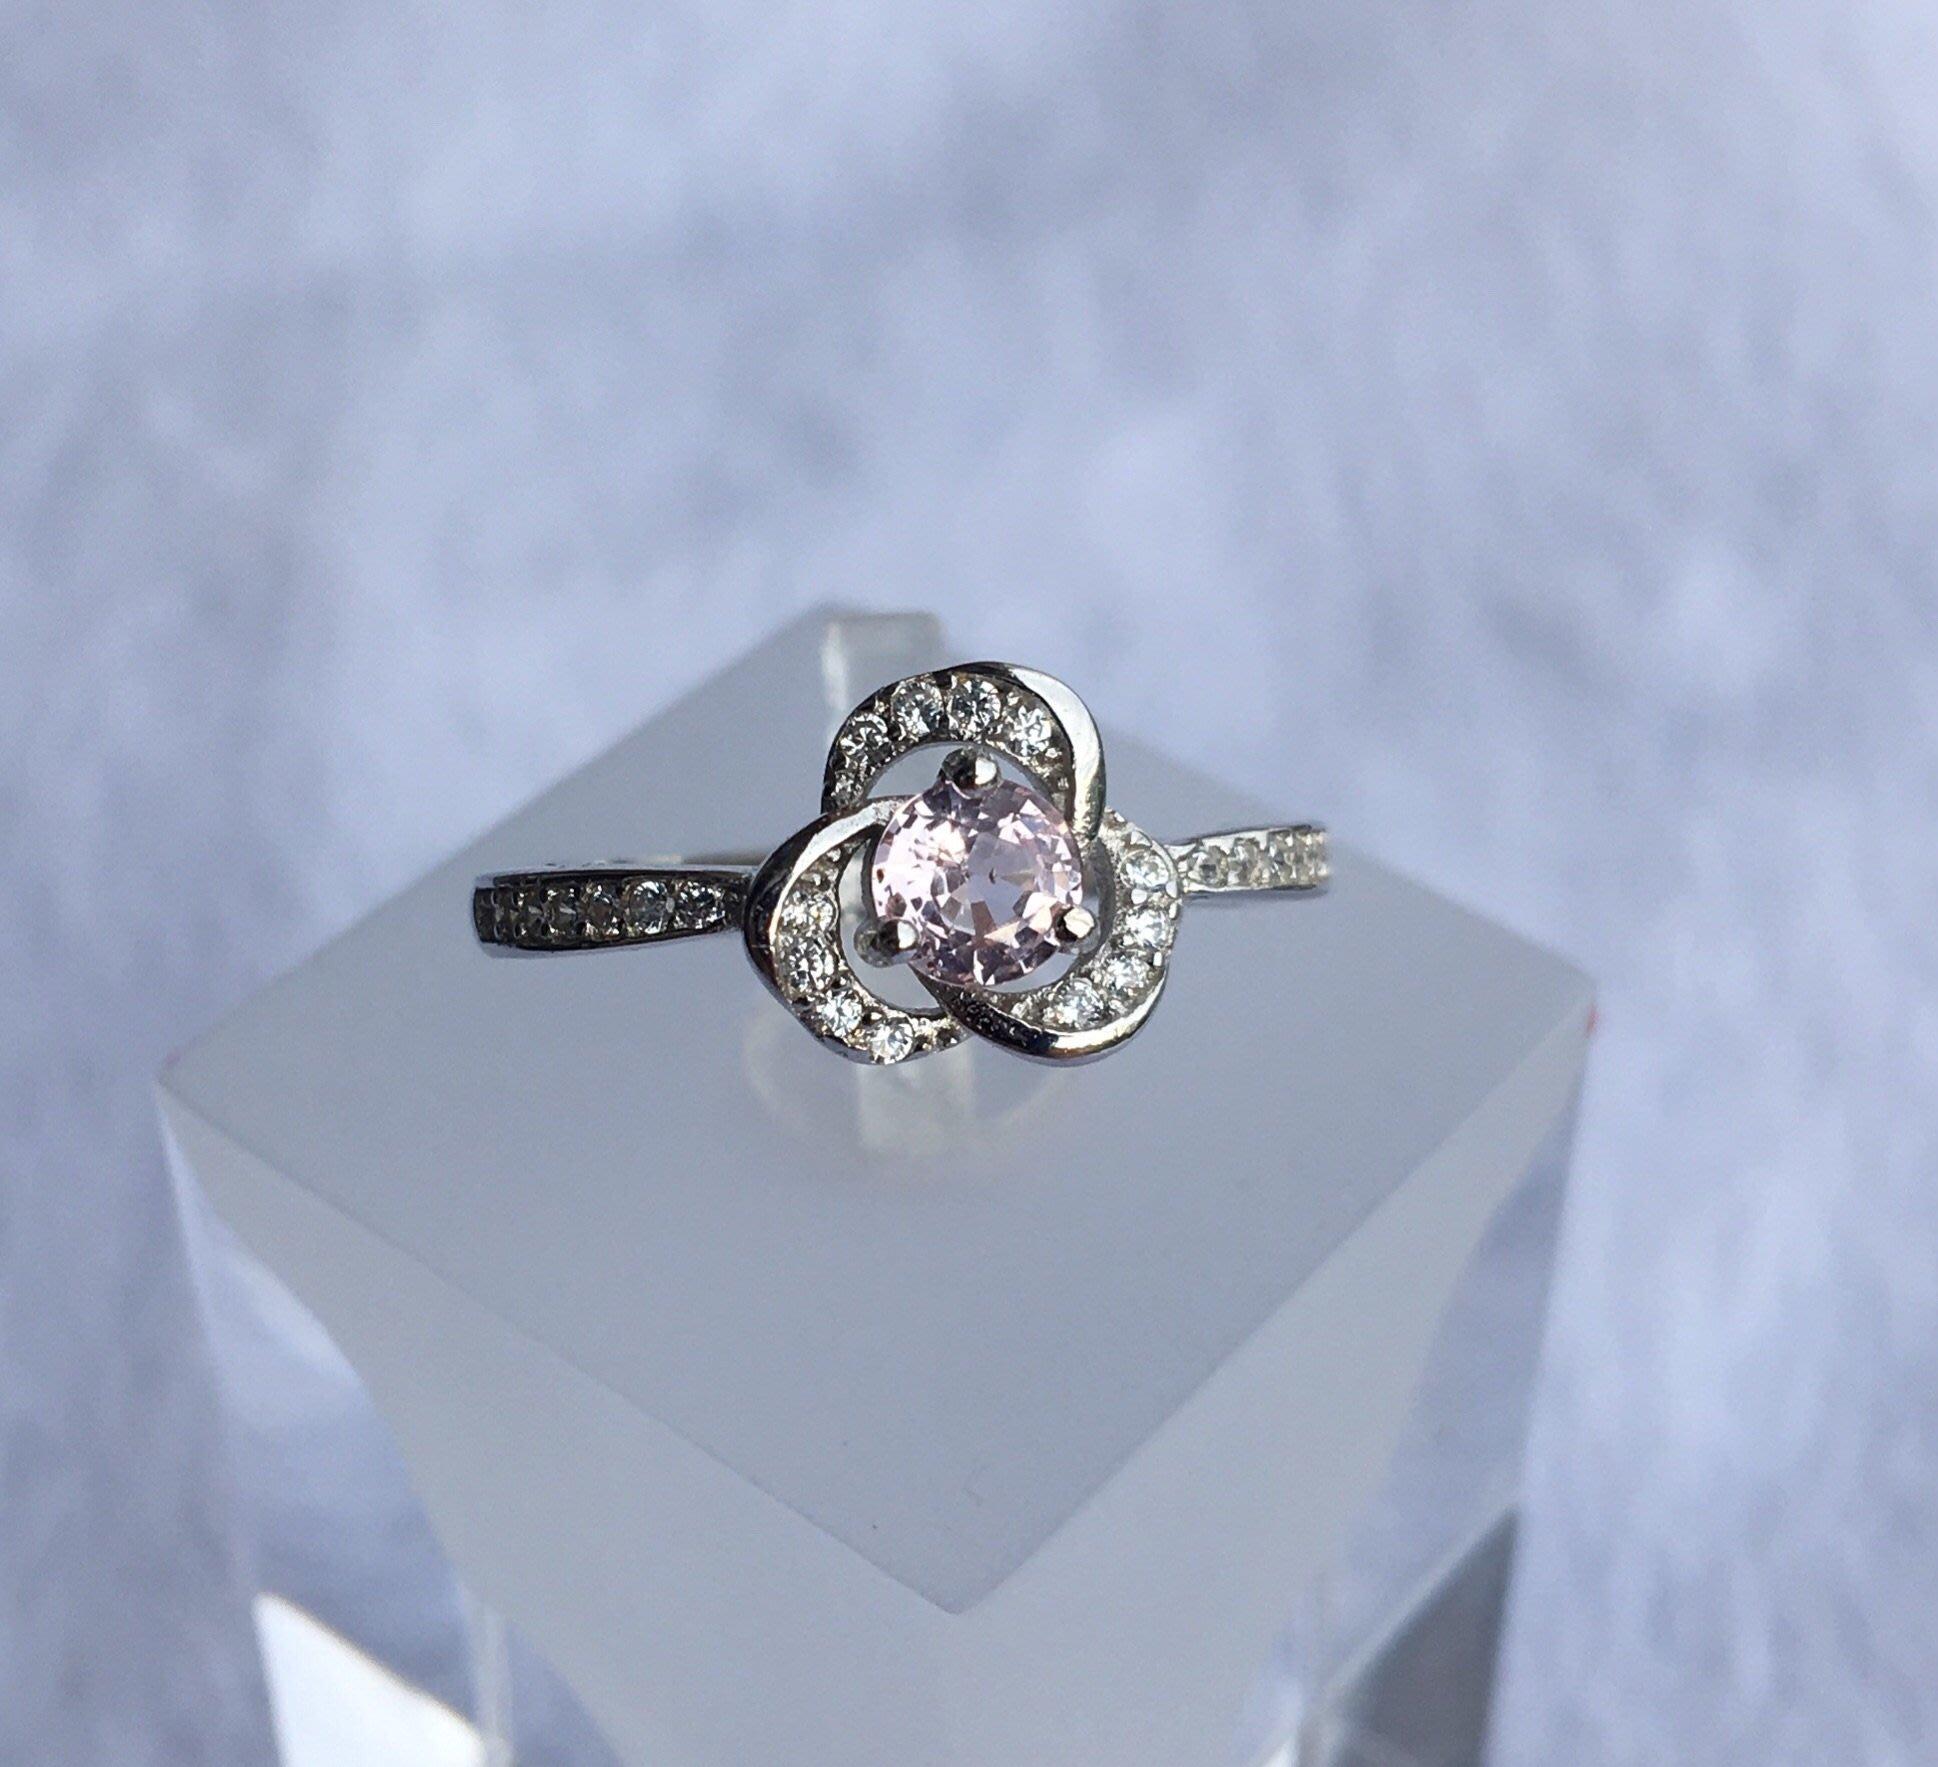 天然珍奇翡翠珠寶首飾-無燒帕帕拉夏藍寶石,蓮花剛玉0.5克拉, 乾淨透美,火光超閃,罕見日出色,活圍,附證書